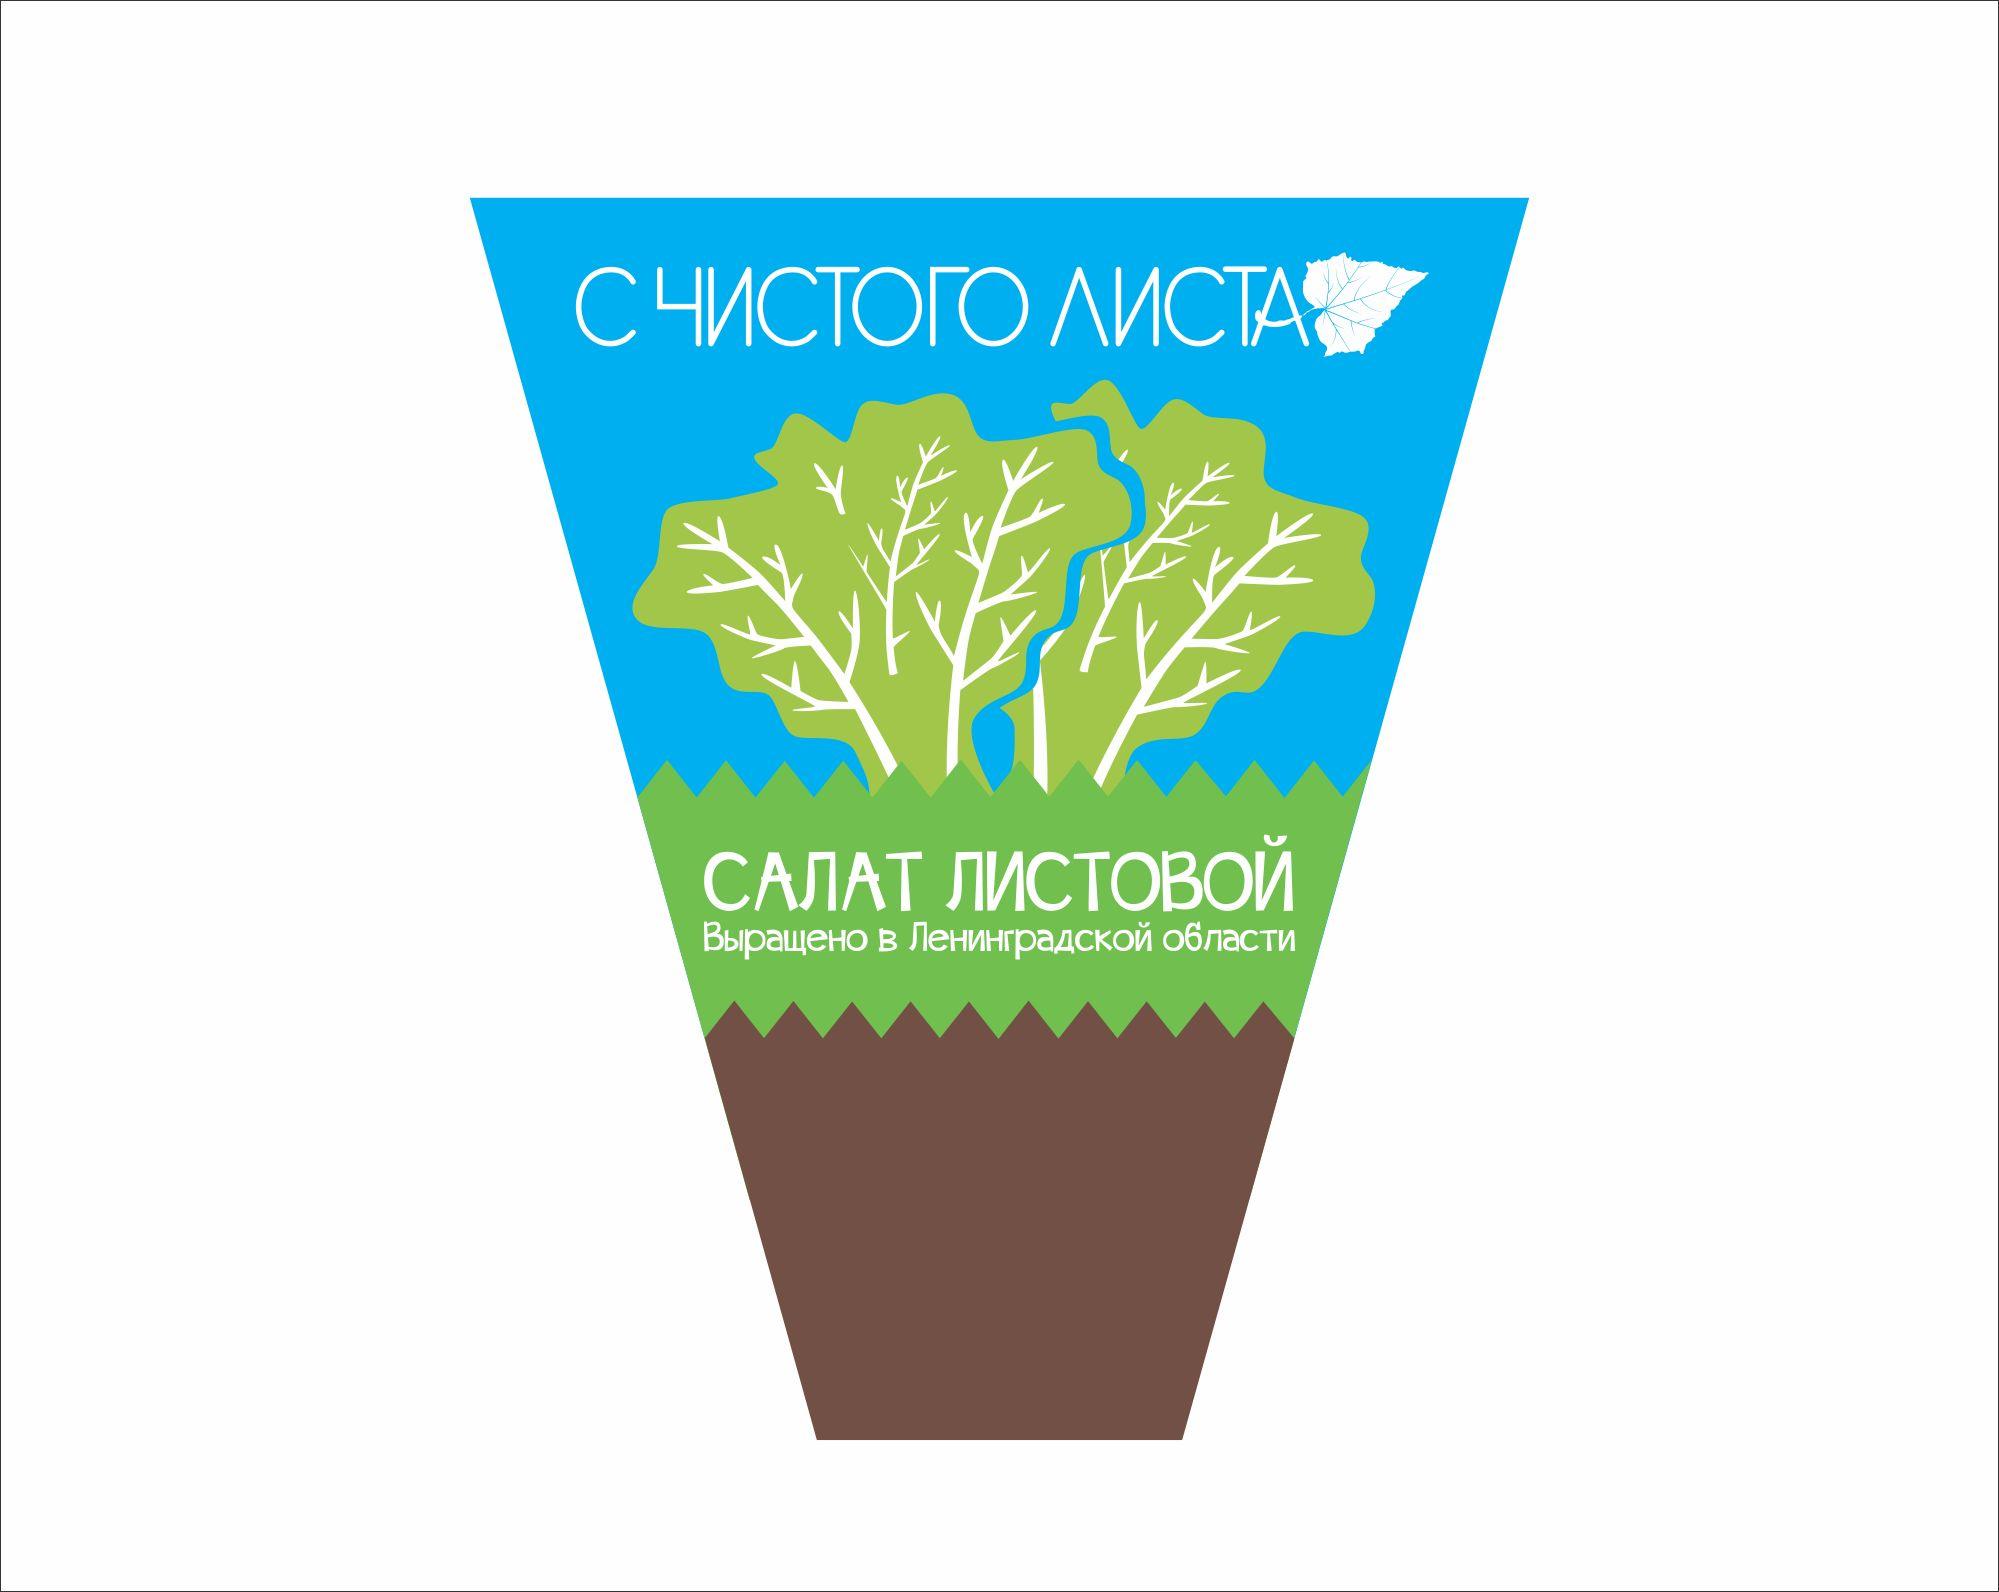 Упаковка для салата в горшочке от ООО Круглый Год - дизайнер goljakovai